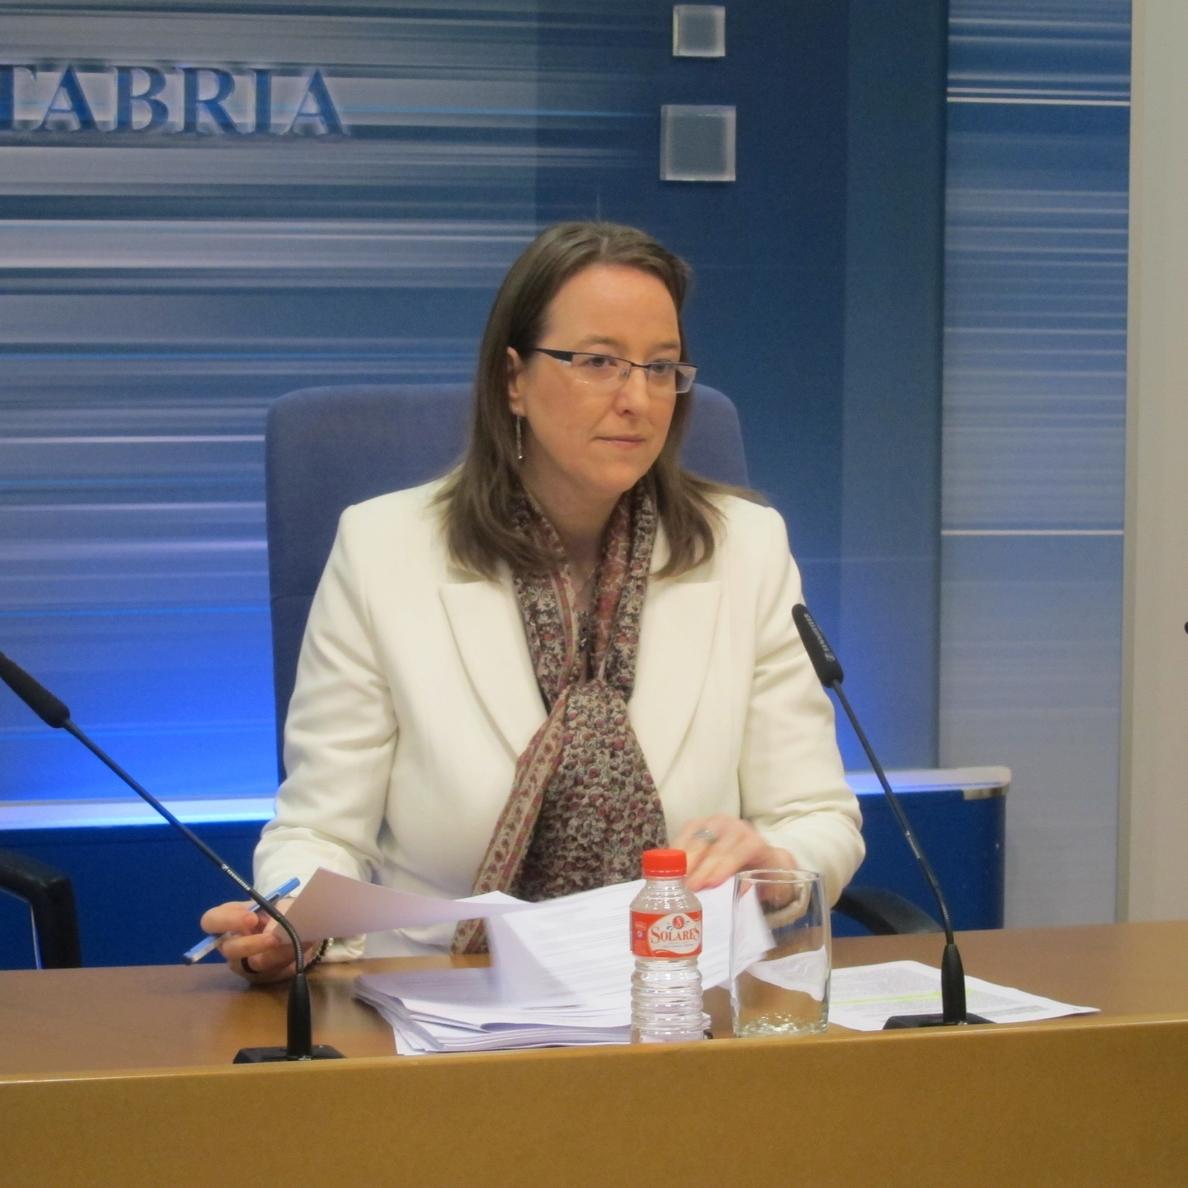 Justicia asegura que la reforma para centralizar juzgados no afecta a Cantabria